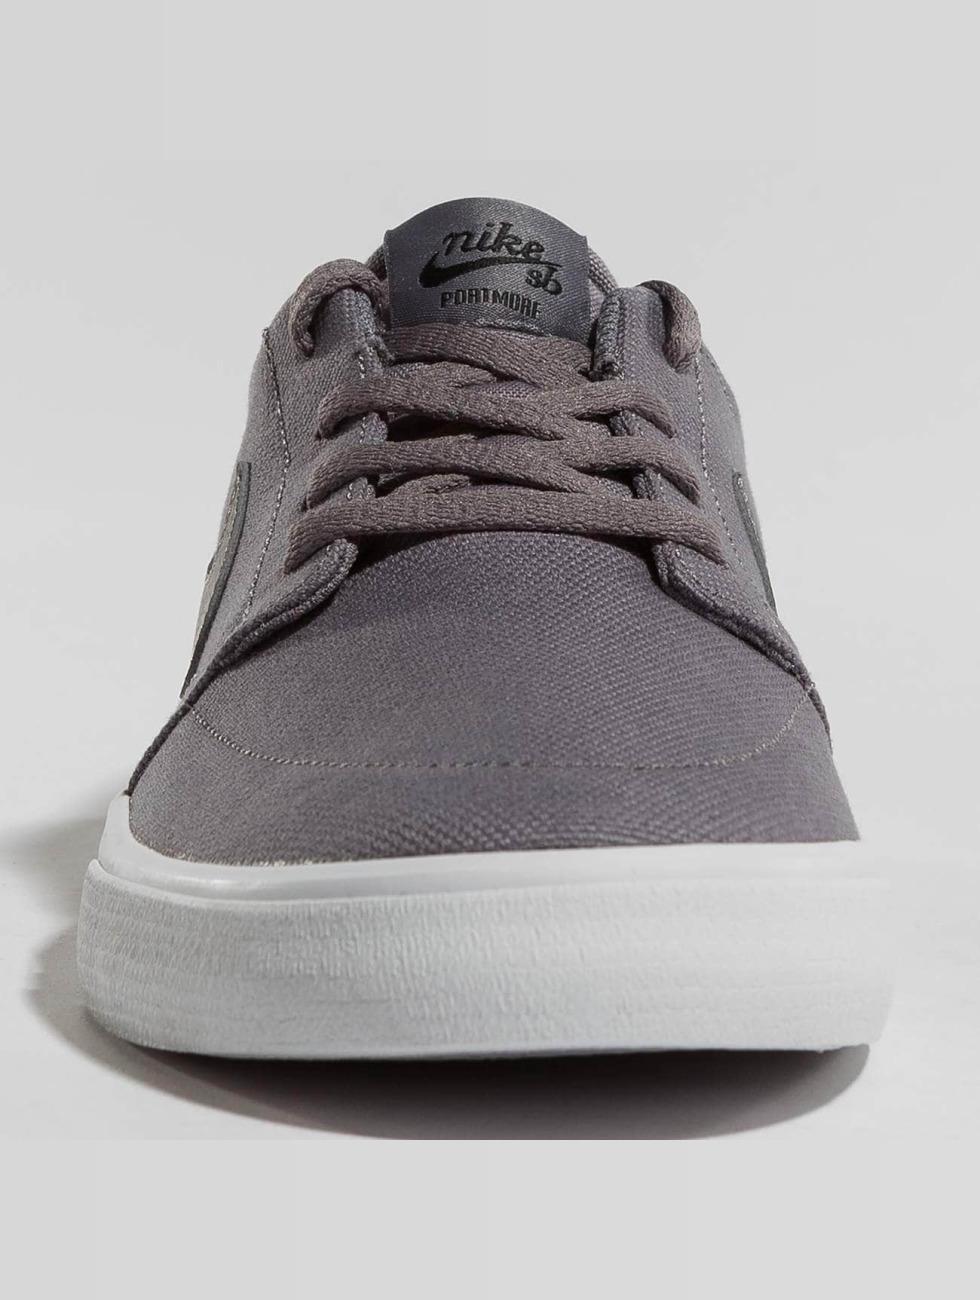 Nike Sb Scarpa / Sneaker Sb Solare Francobollo Dedicato Altre Tela Ii Skateboard In Grigio 442.812 Nbf0MszArM